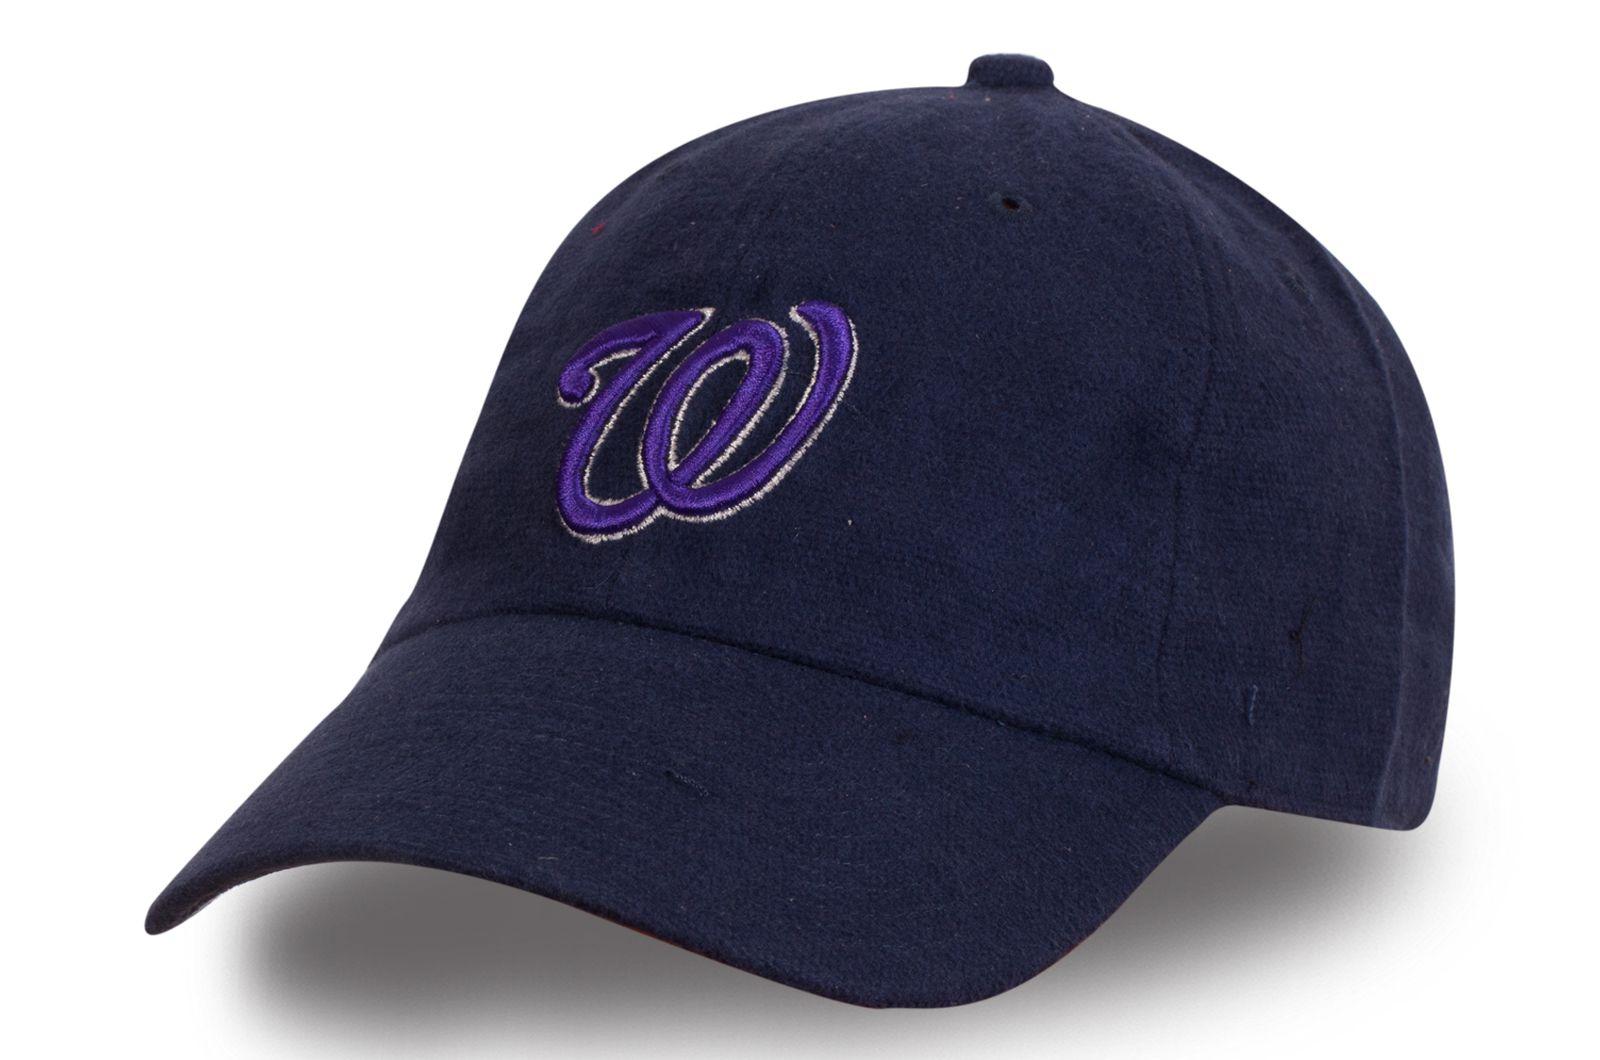 Брендовая бейсболка - купить в интернет-магазине с доставкой